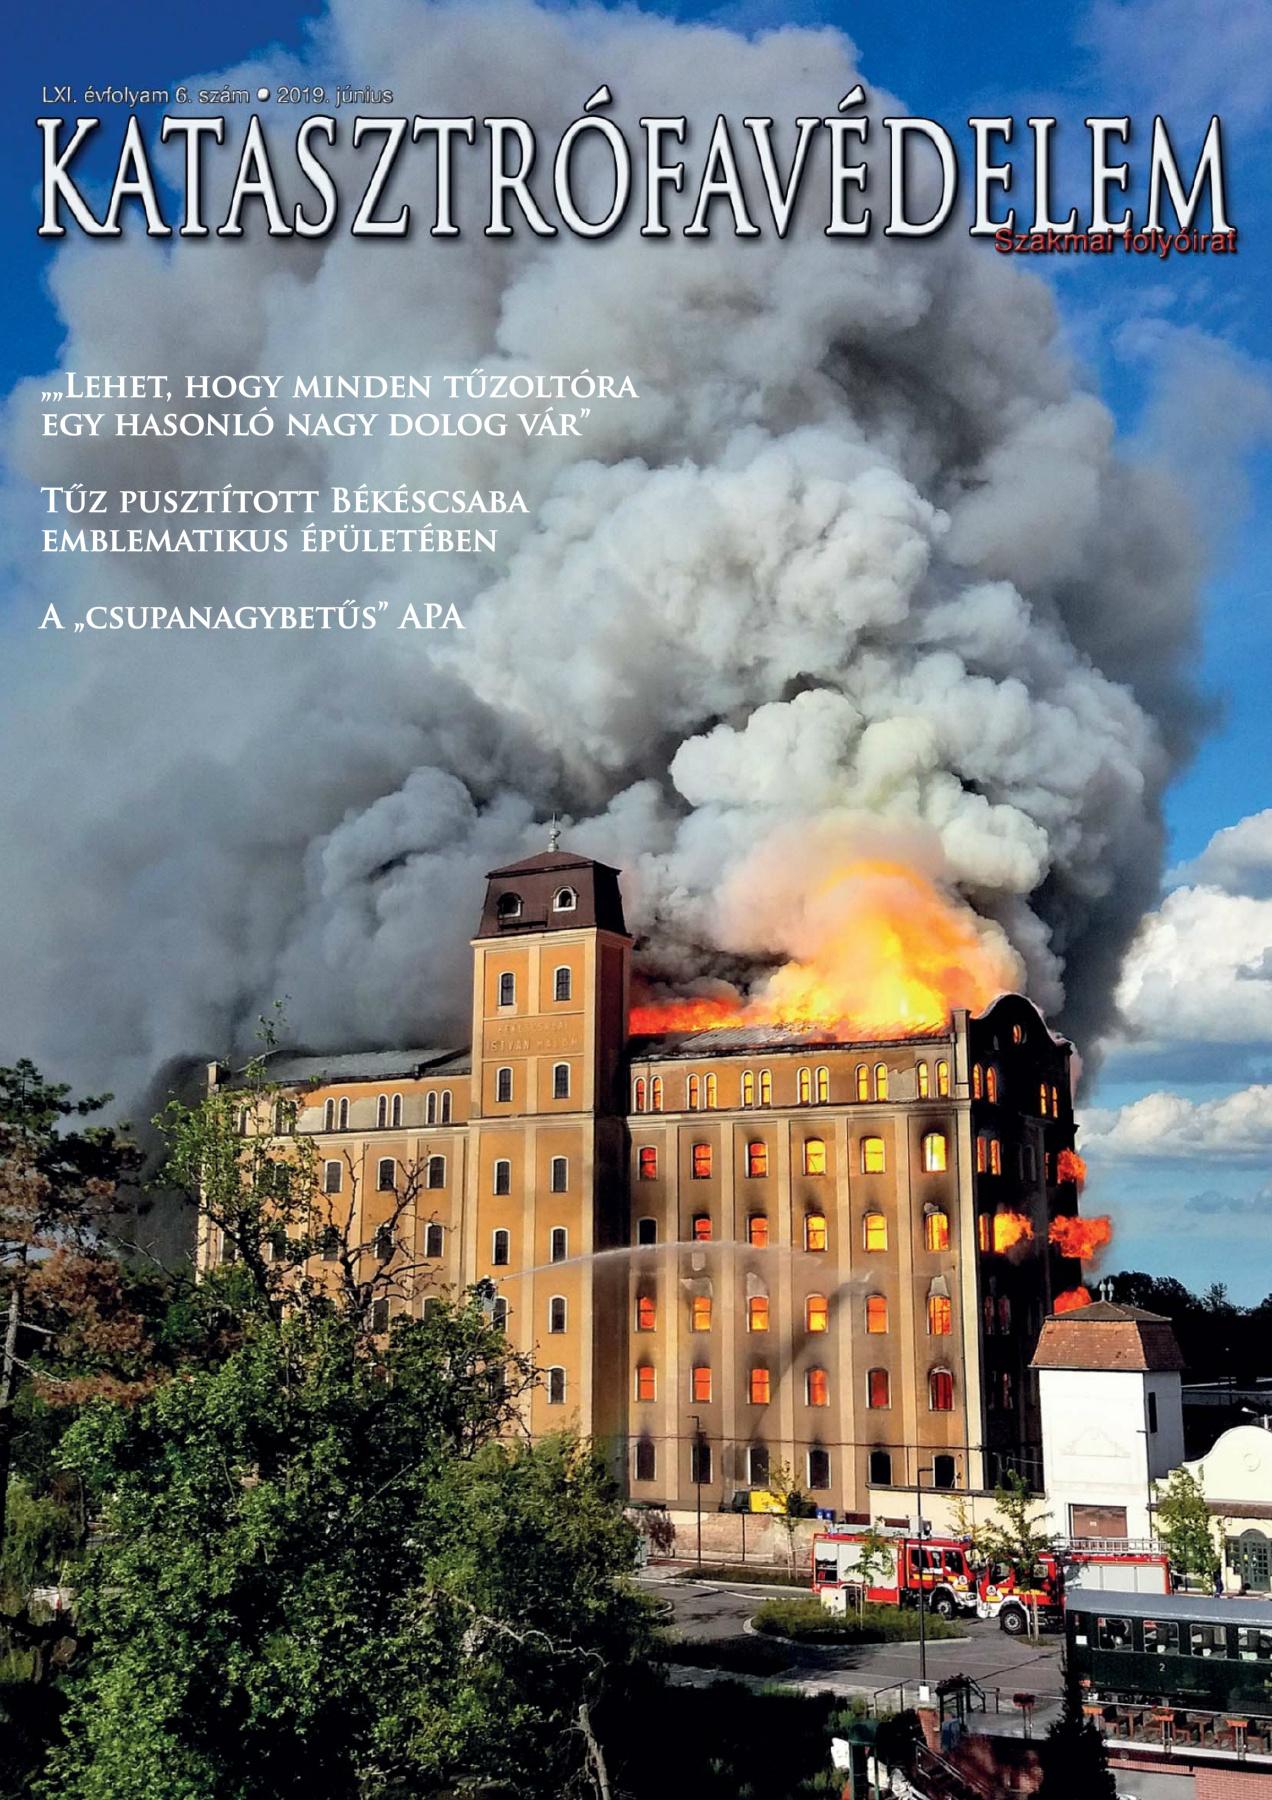 A Katasztrófavédelem magazin LXI. évfolyam 6. szám megtekintése